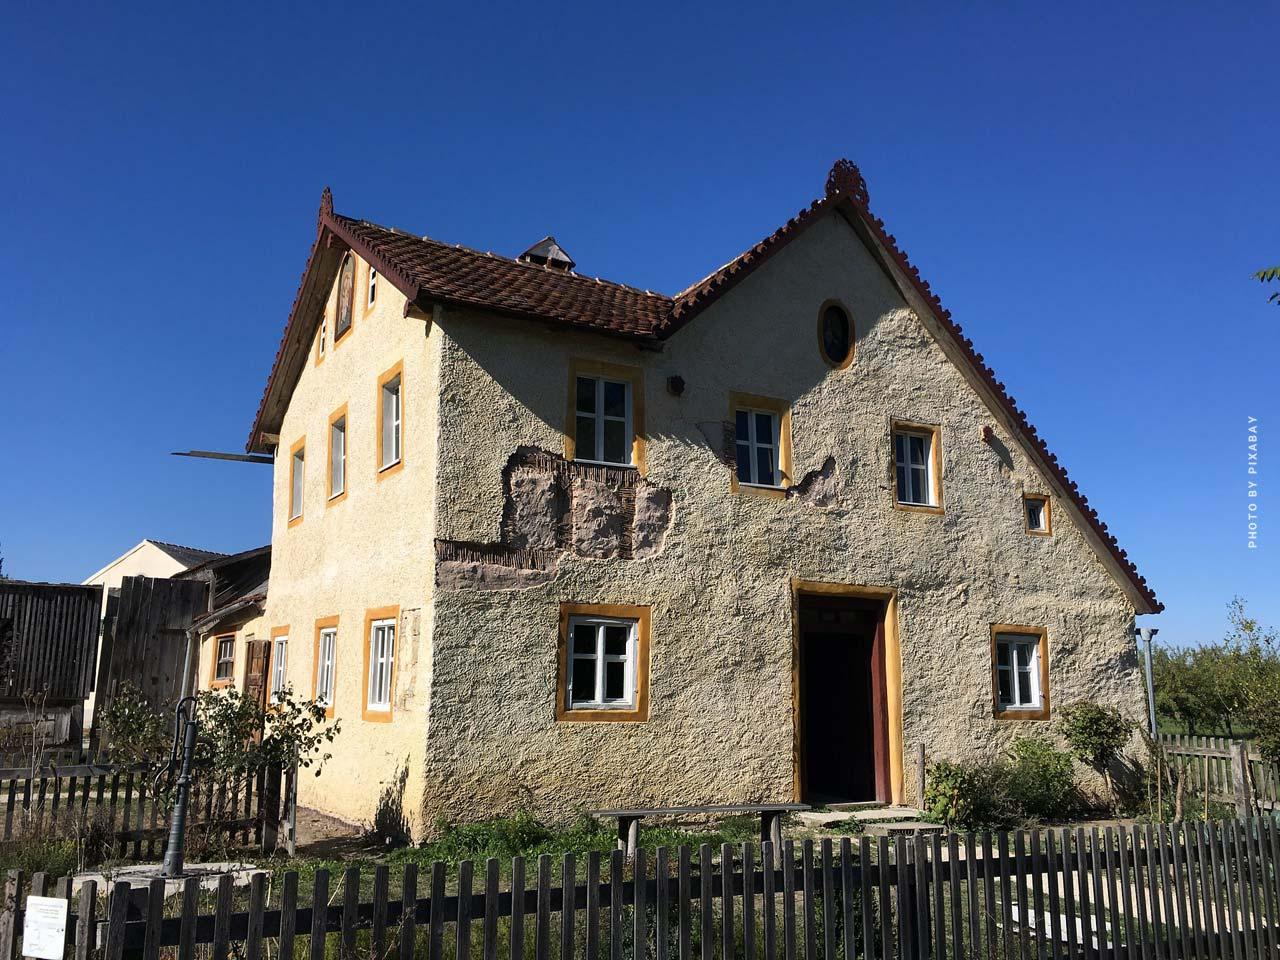 Hauskauf in Wetzlar: Privat, Kapitalanlage und Planung